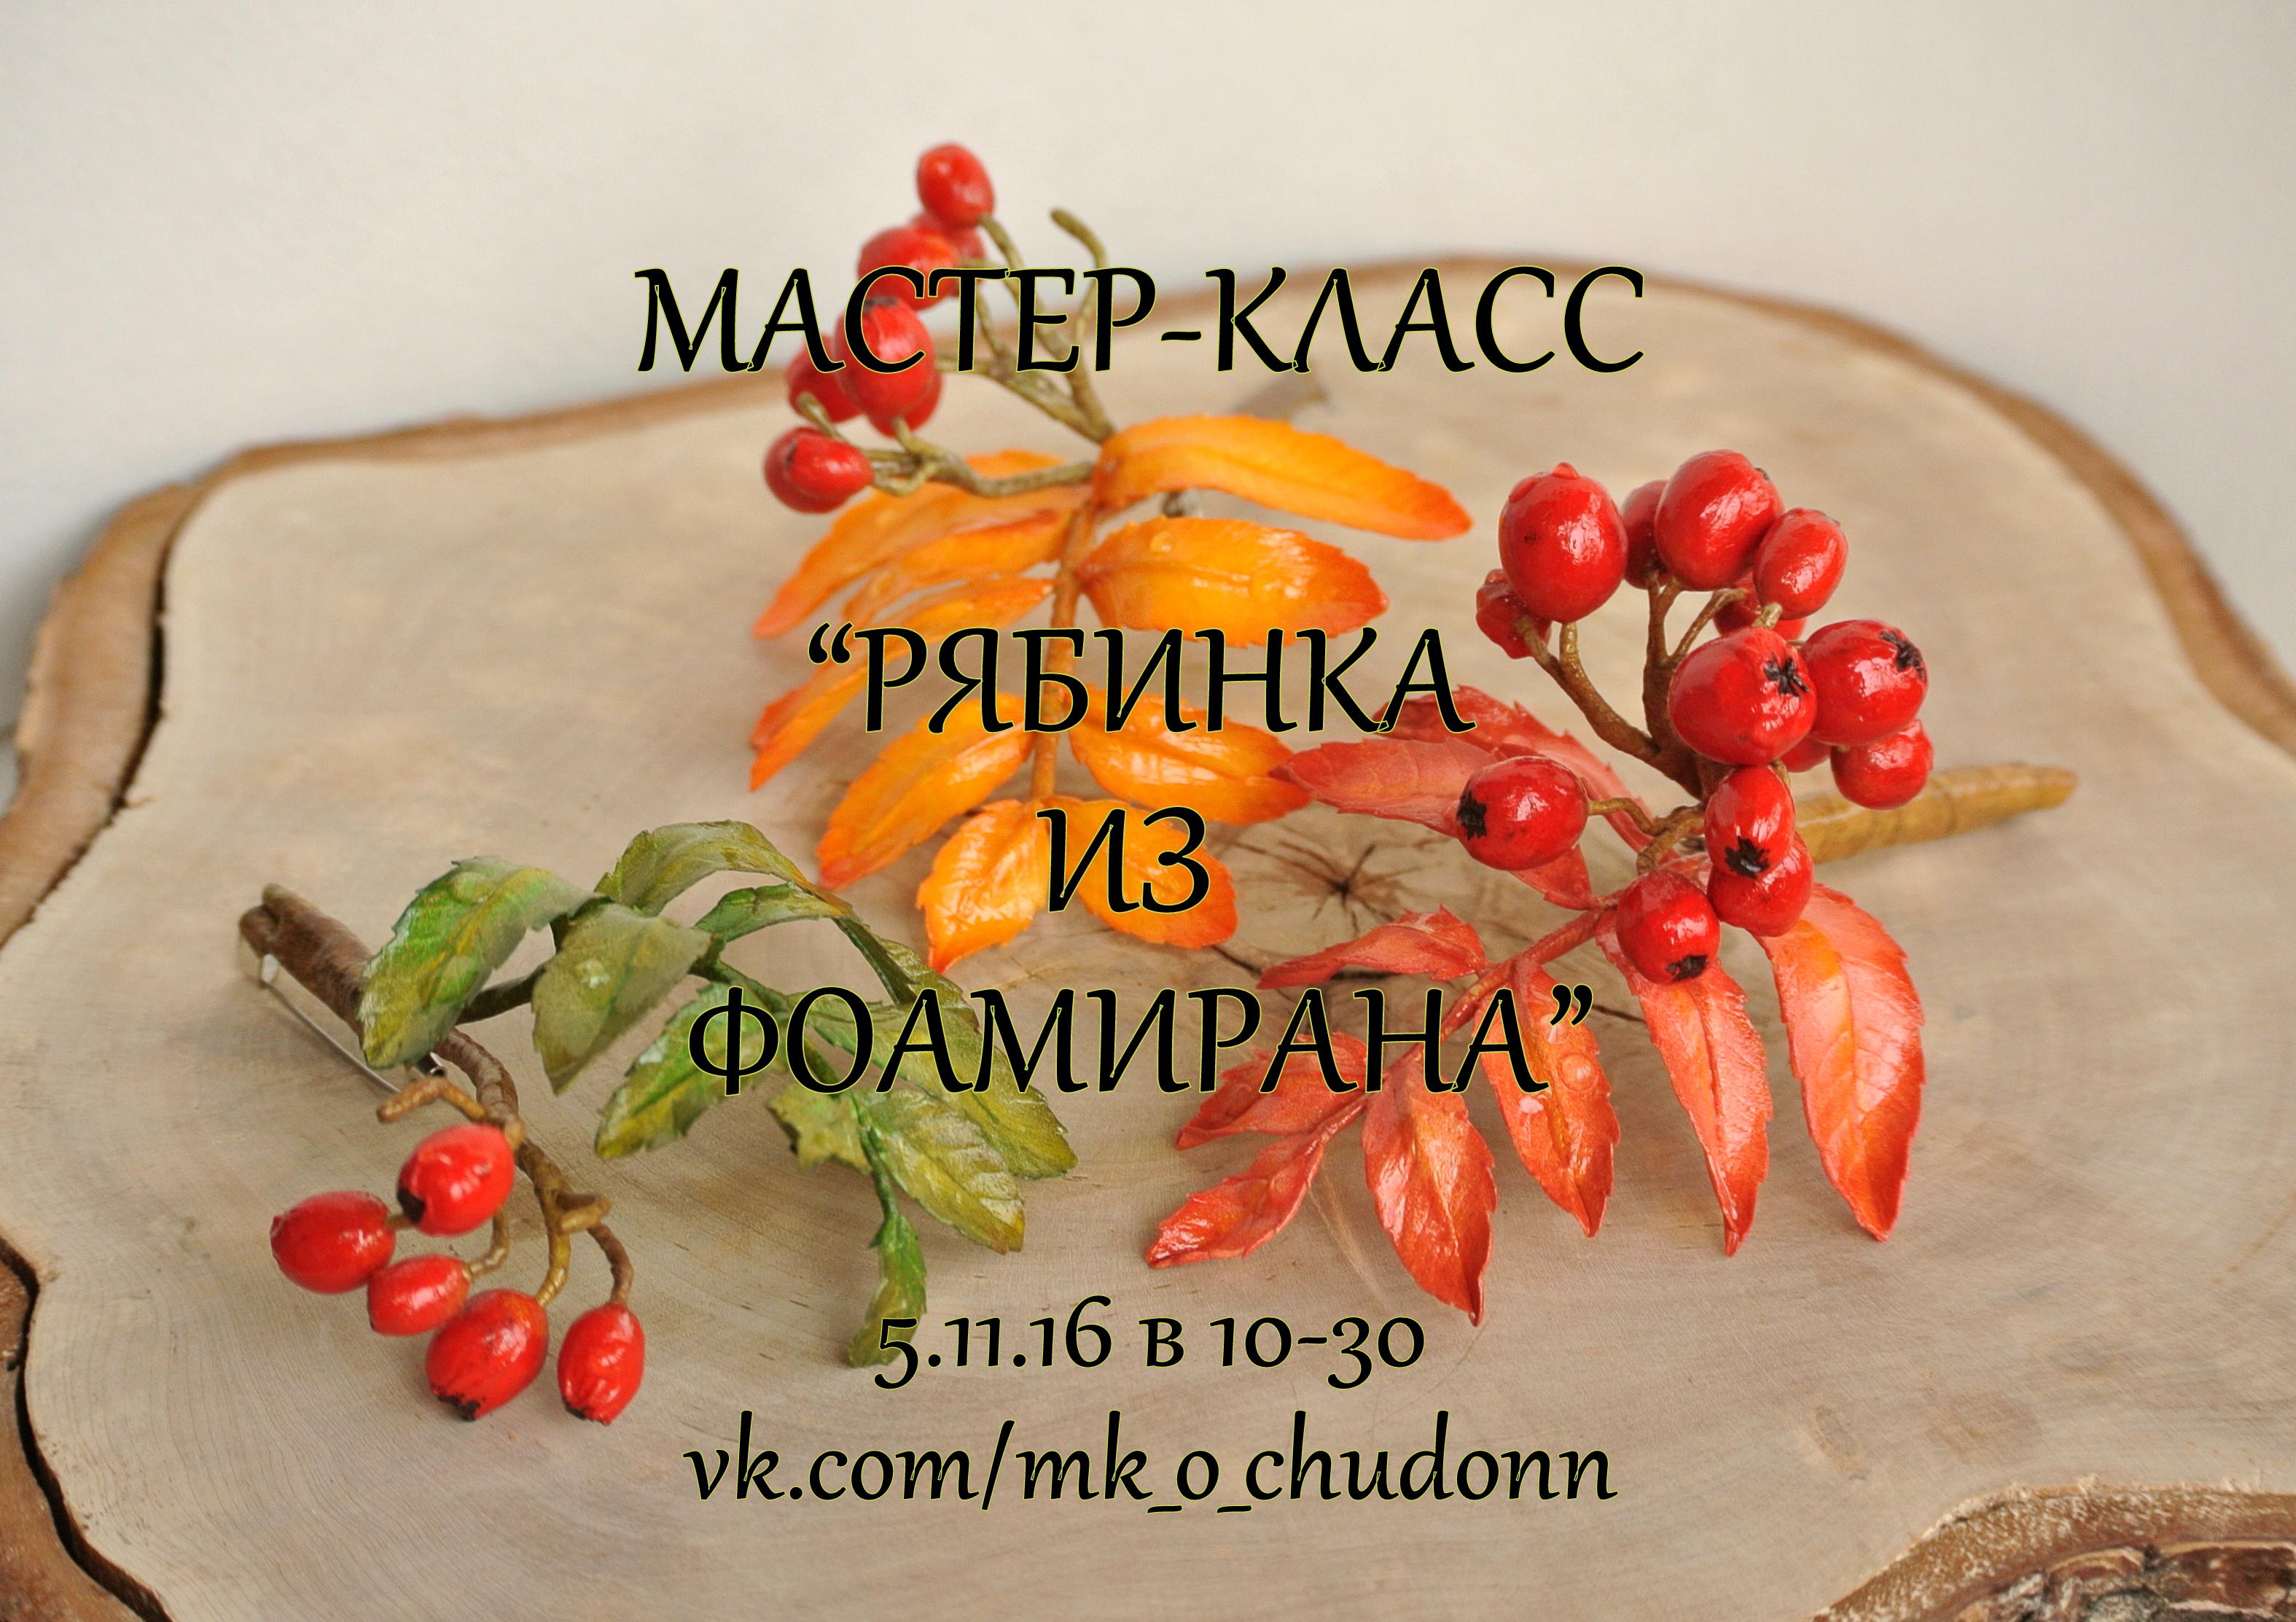 5.11.16 МК БРОШЬ-РЯБИНКА ИЗ ФОАМИРАНА! 1 МЕСТО!